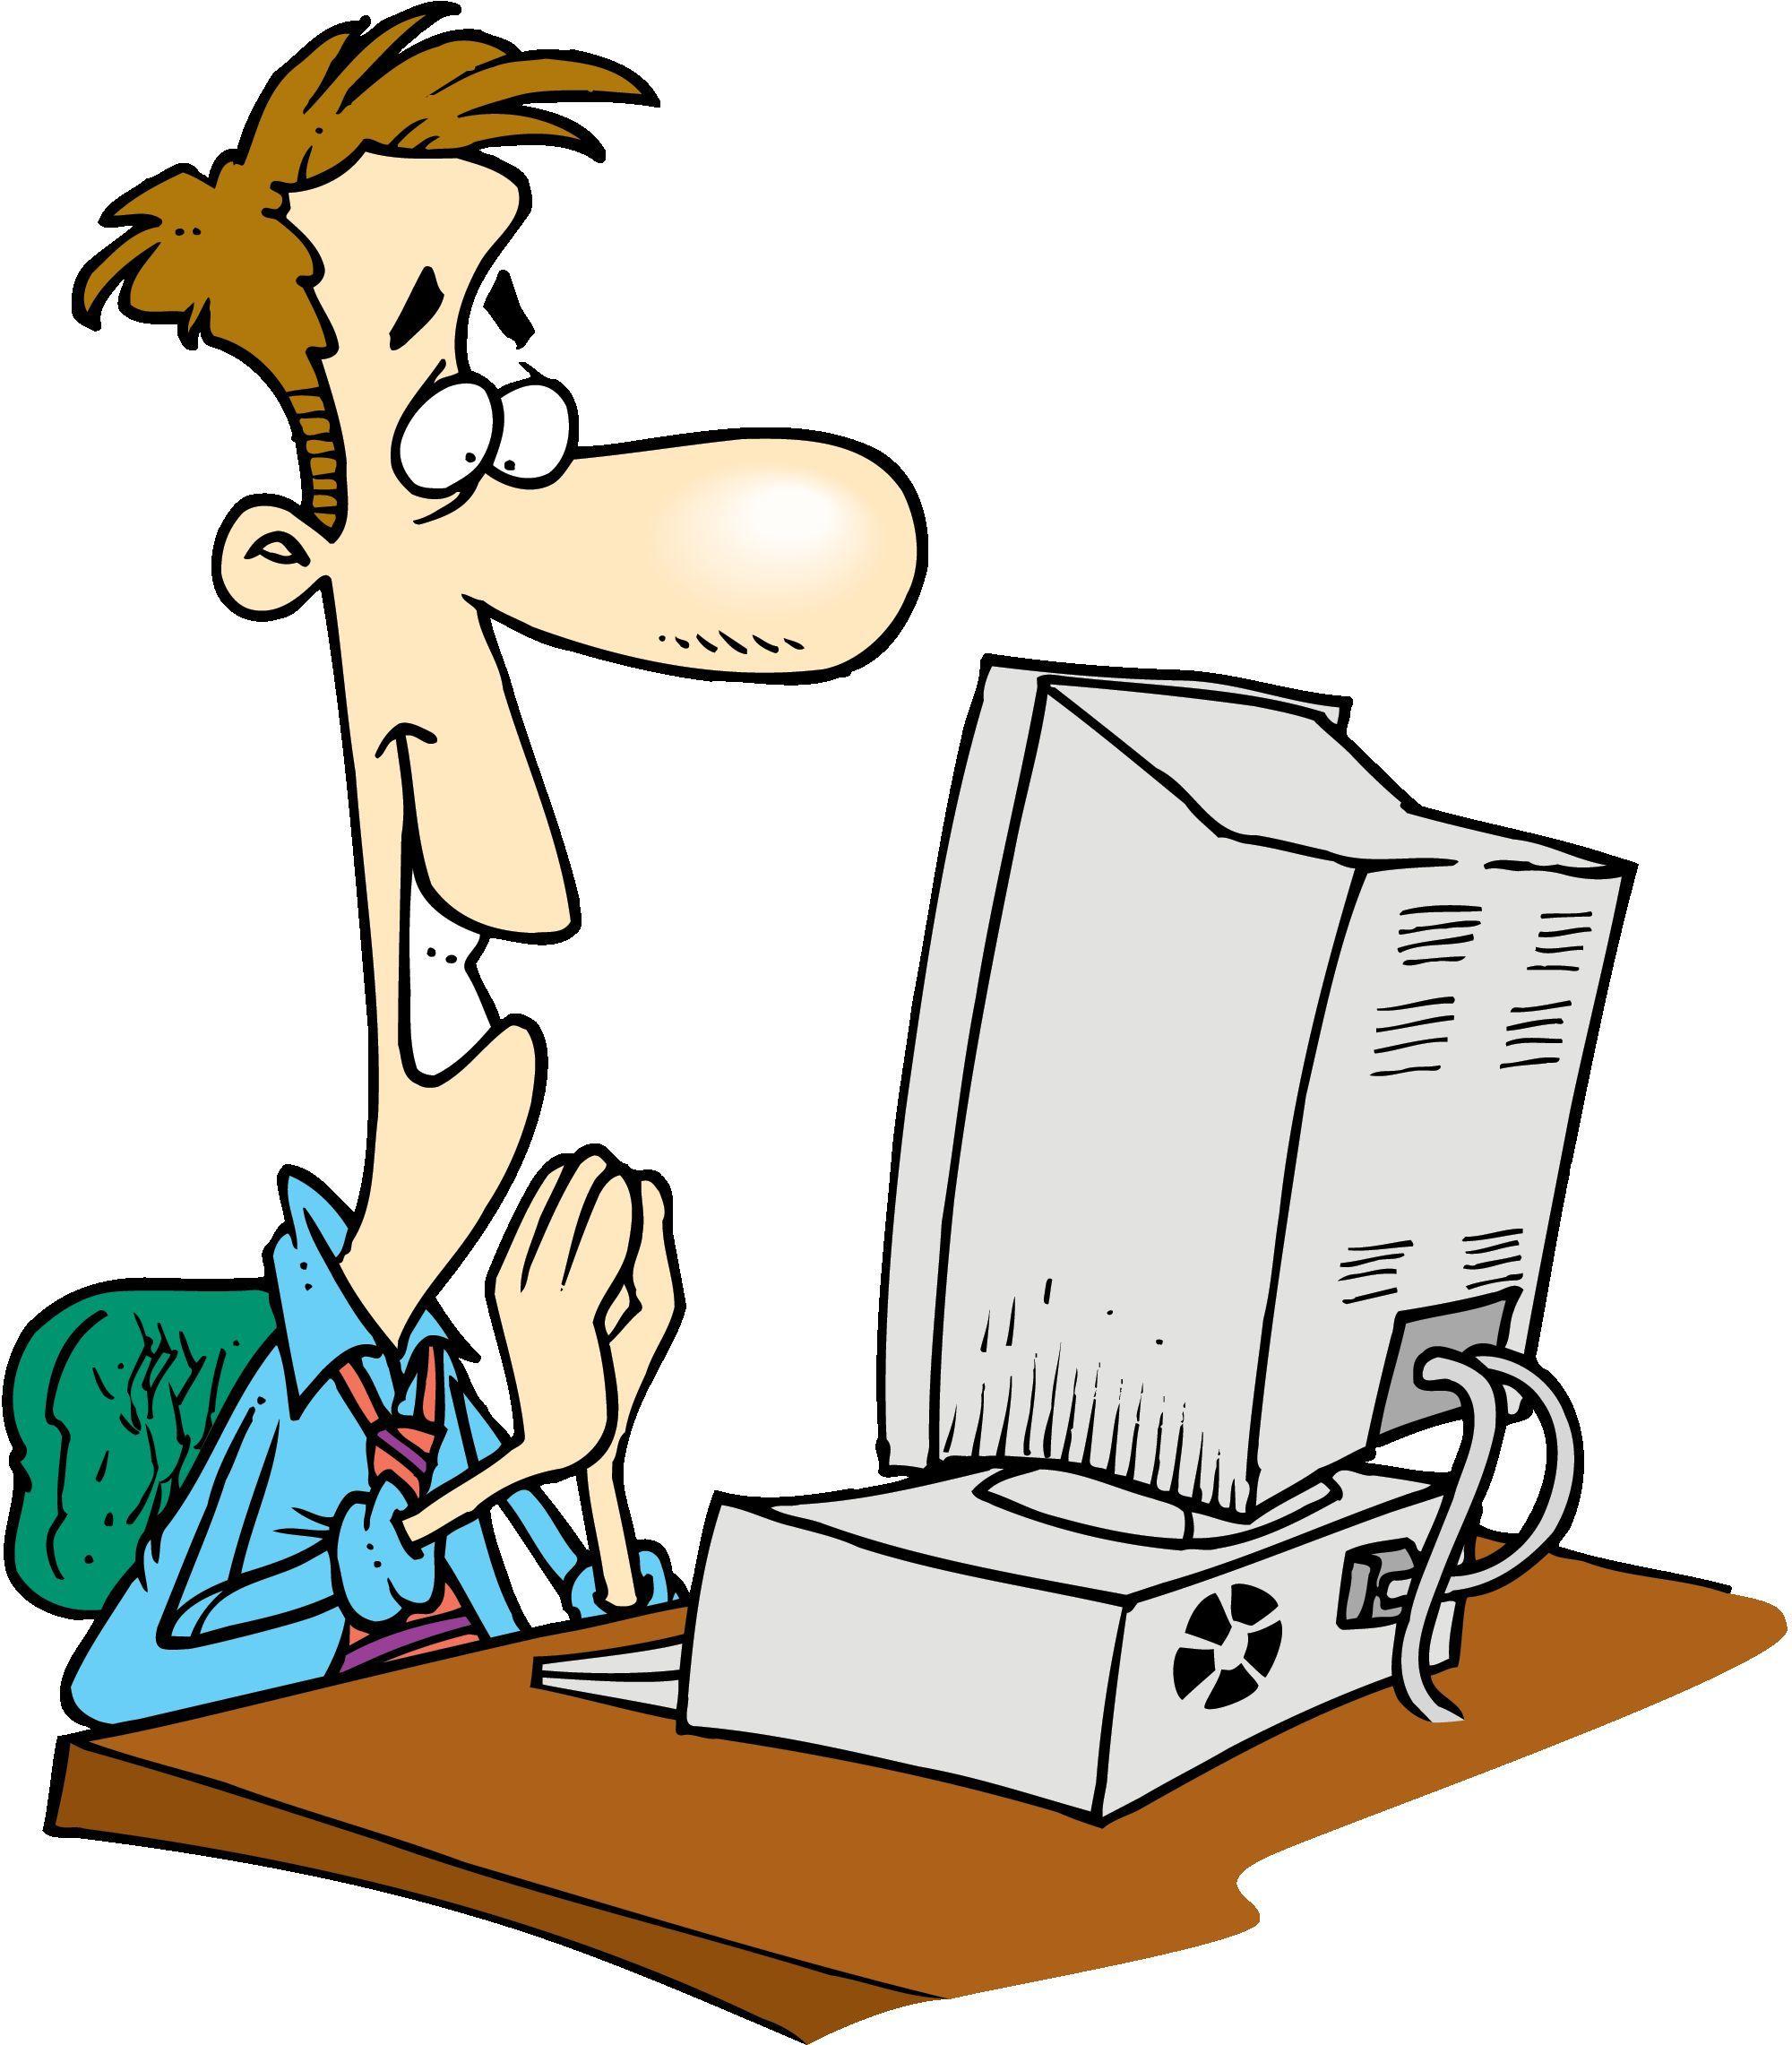 Смешная картинка человека за компьютером